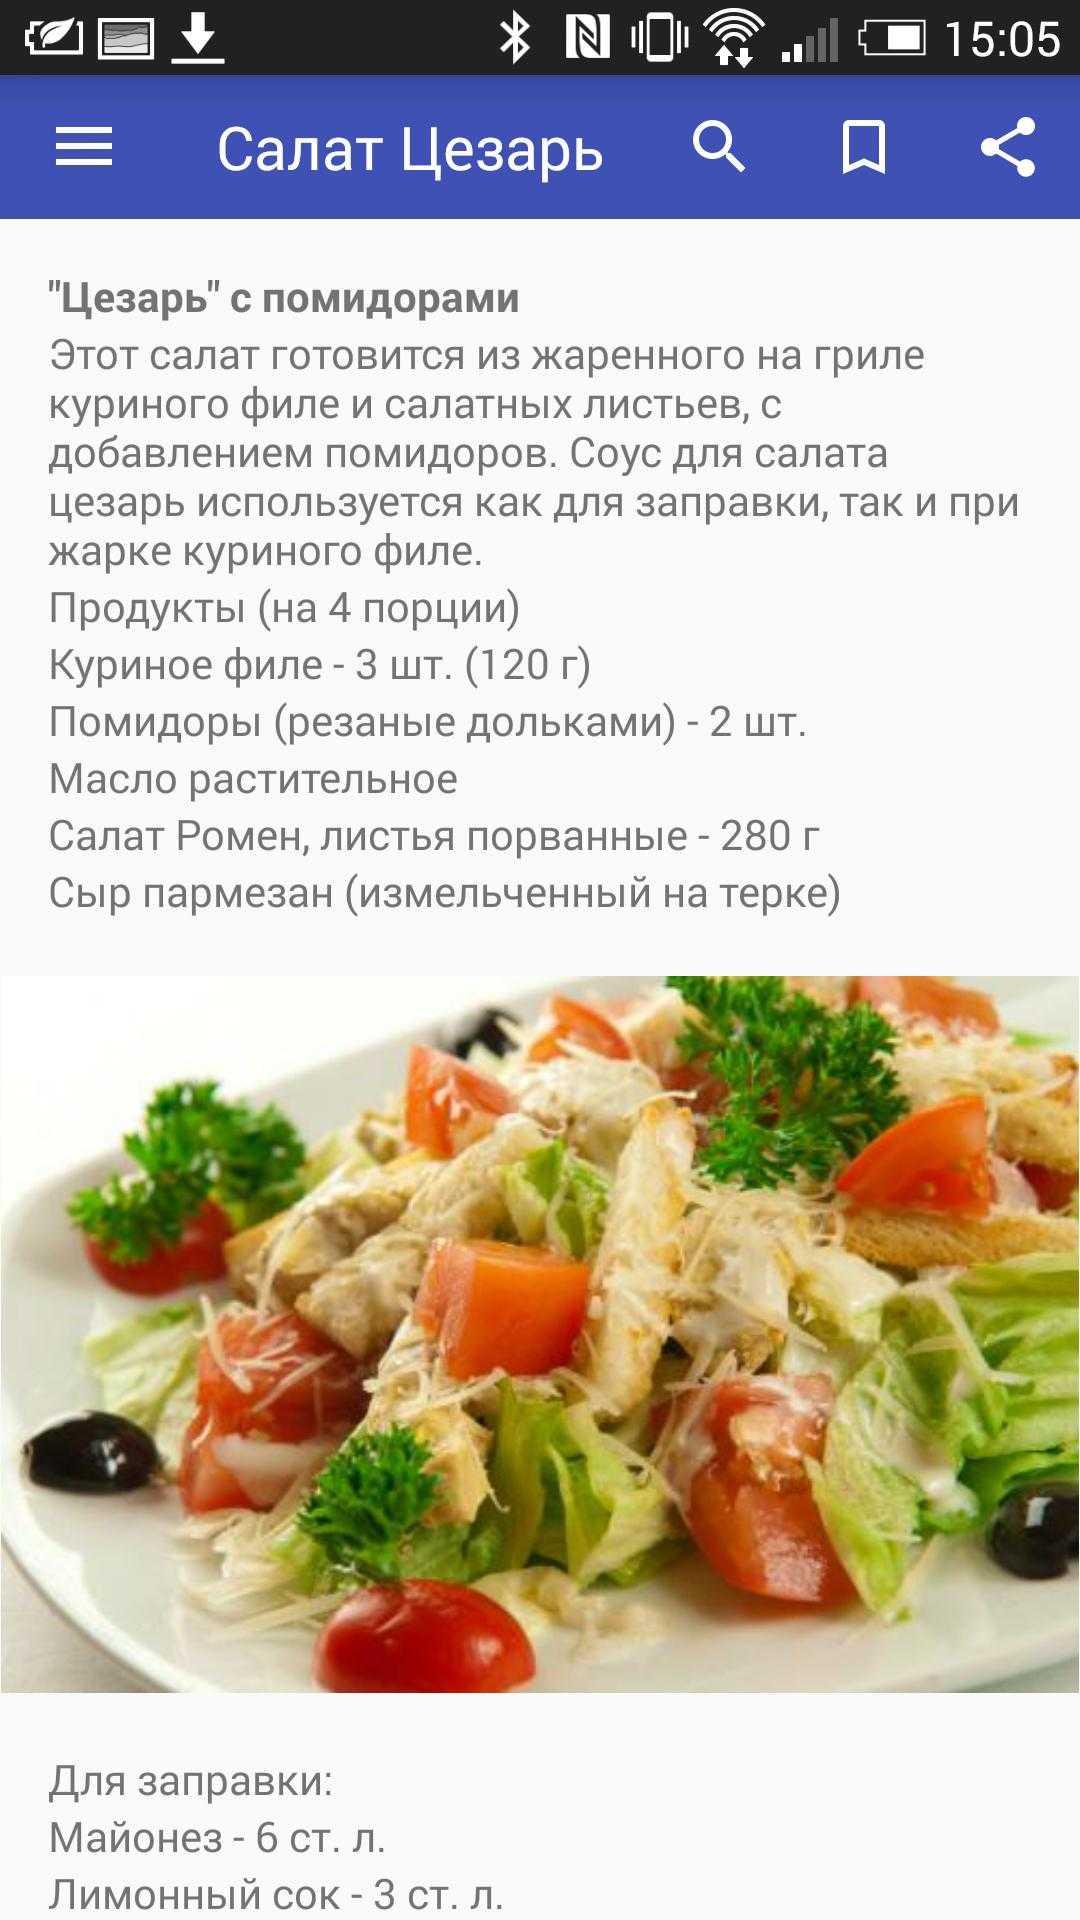 Заправка для салата цезарь в домашних условиях